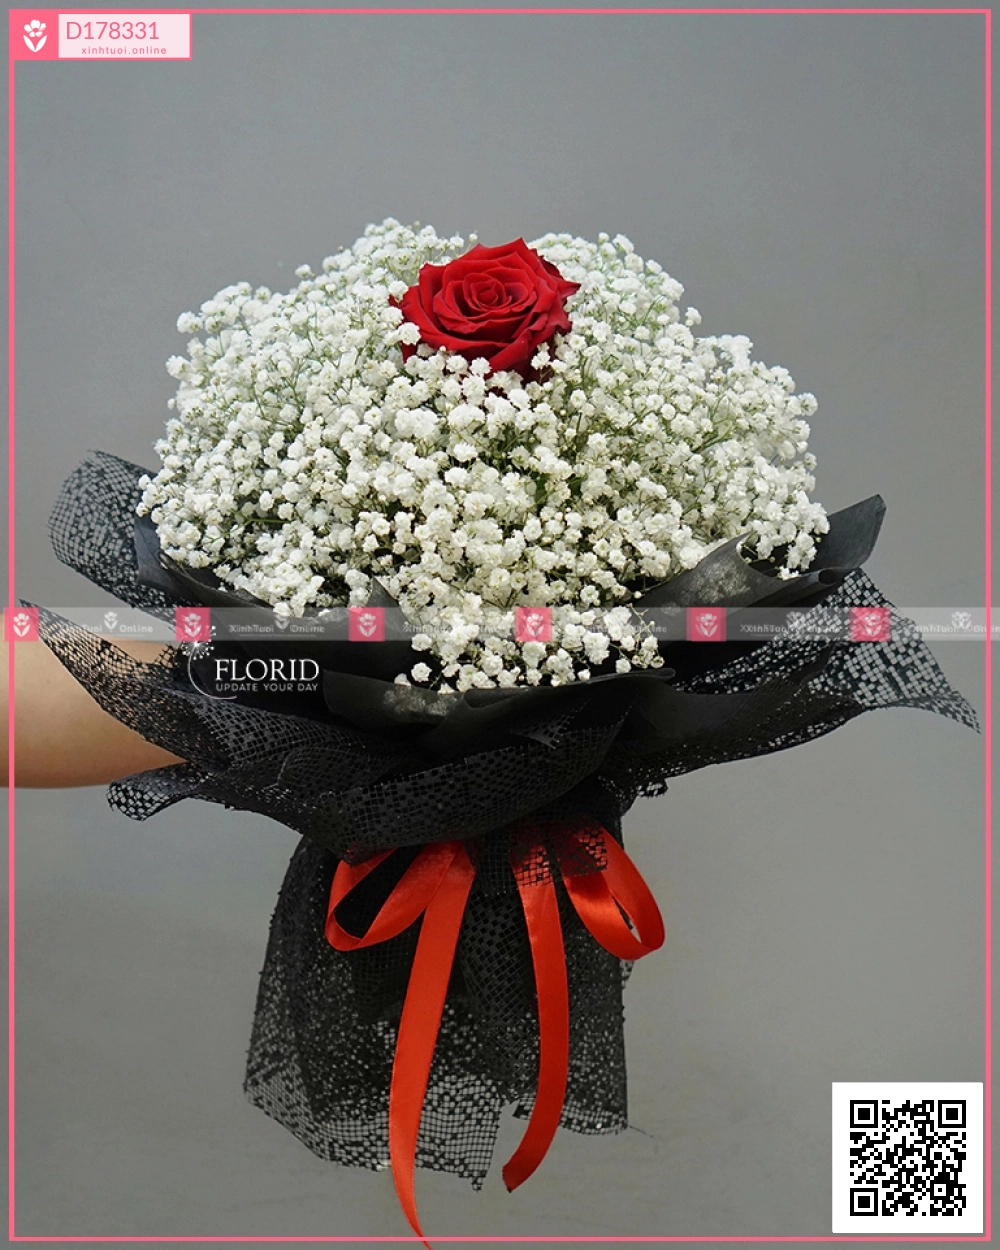 MS 2011 - D178331 - xinhtuoi.online